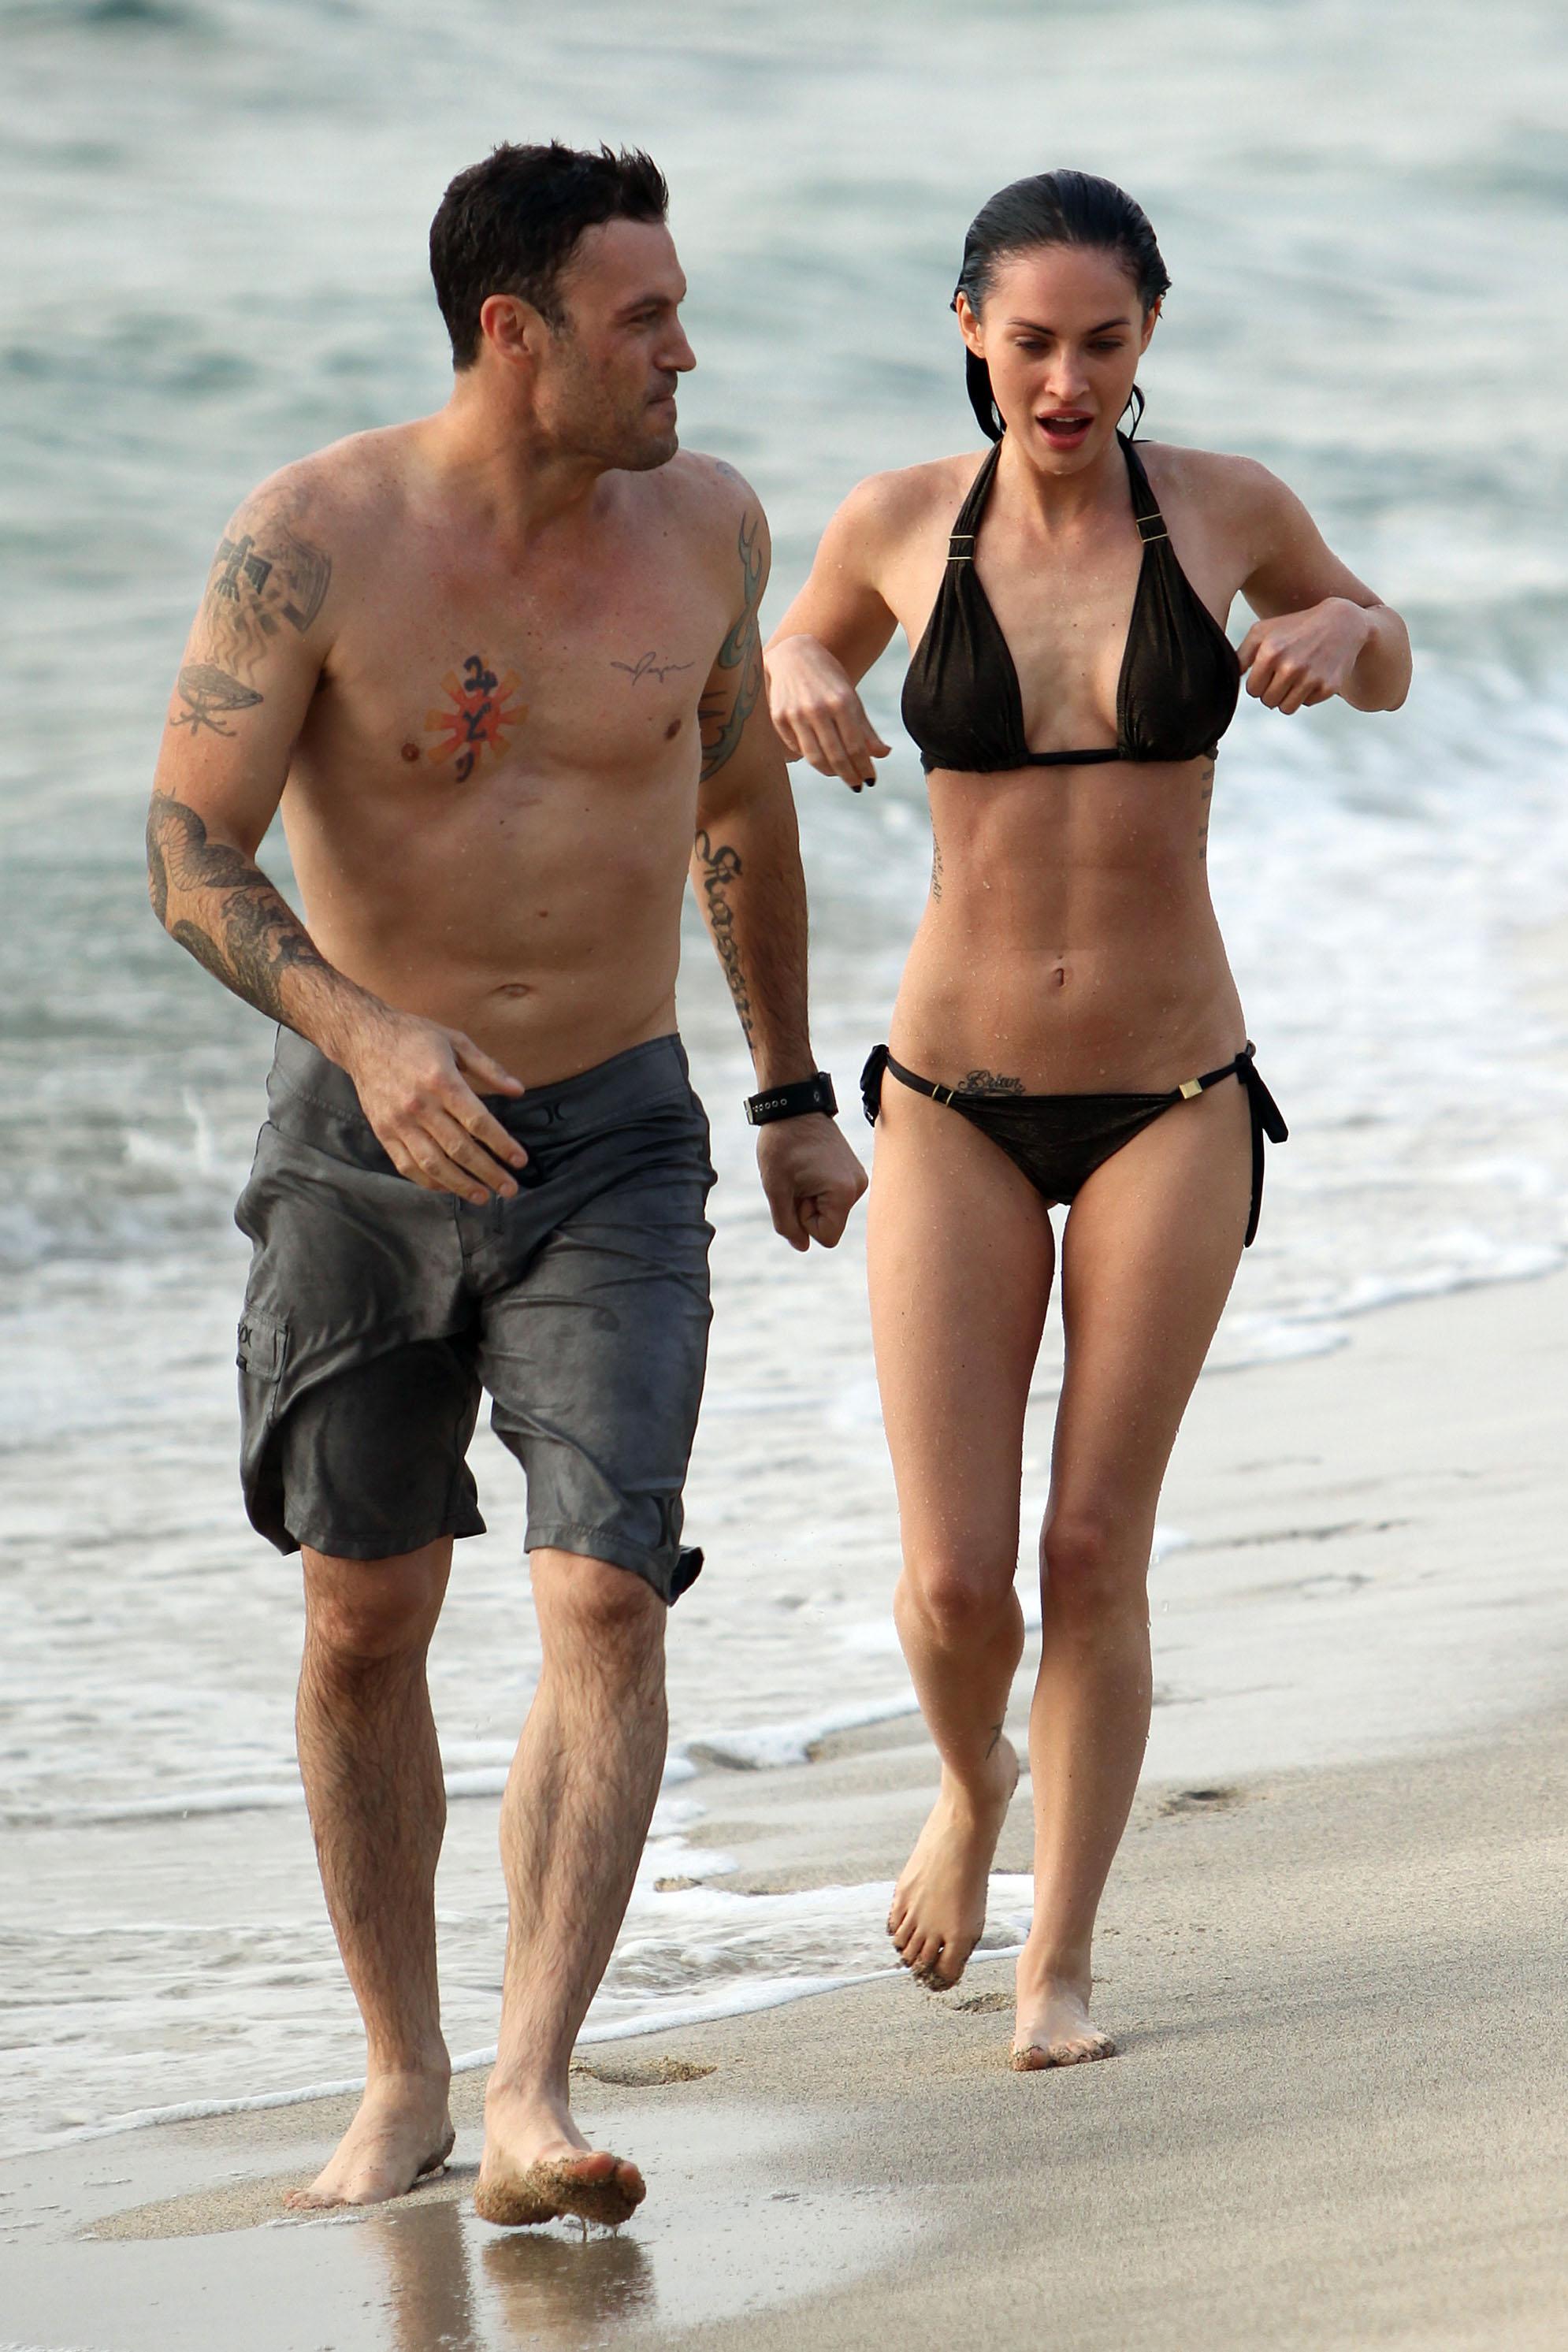 Megan Fox 2010 : megan-fox-in-a-black-bikini-maui-may-2010-25-hq-pics-01